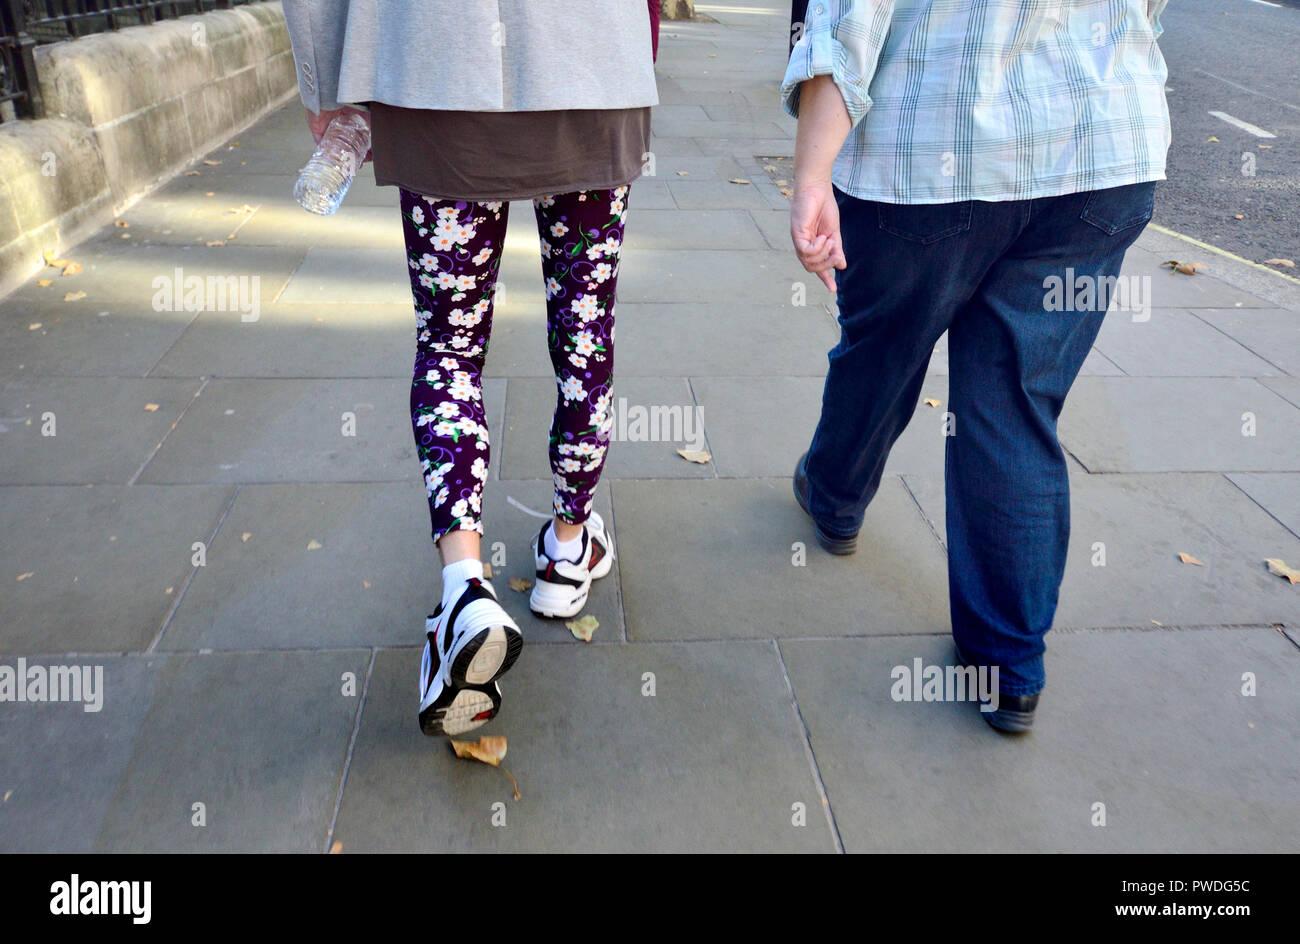 Man wearing flowery leggings, London, England, UK. - Stock Image